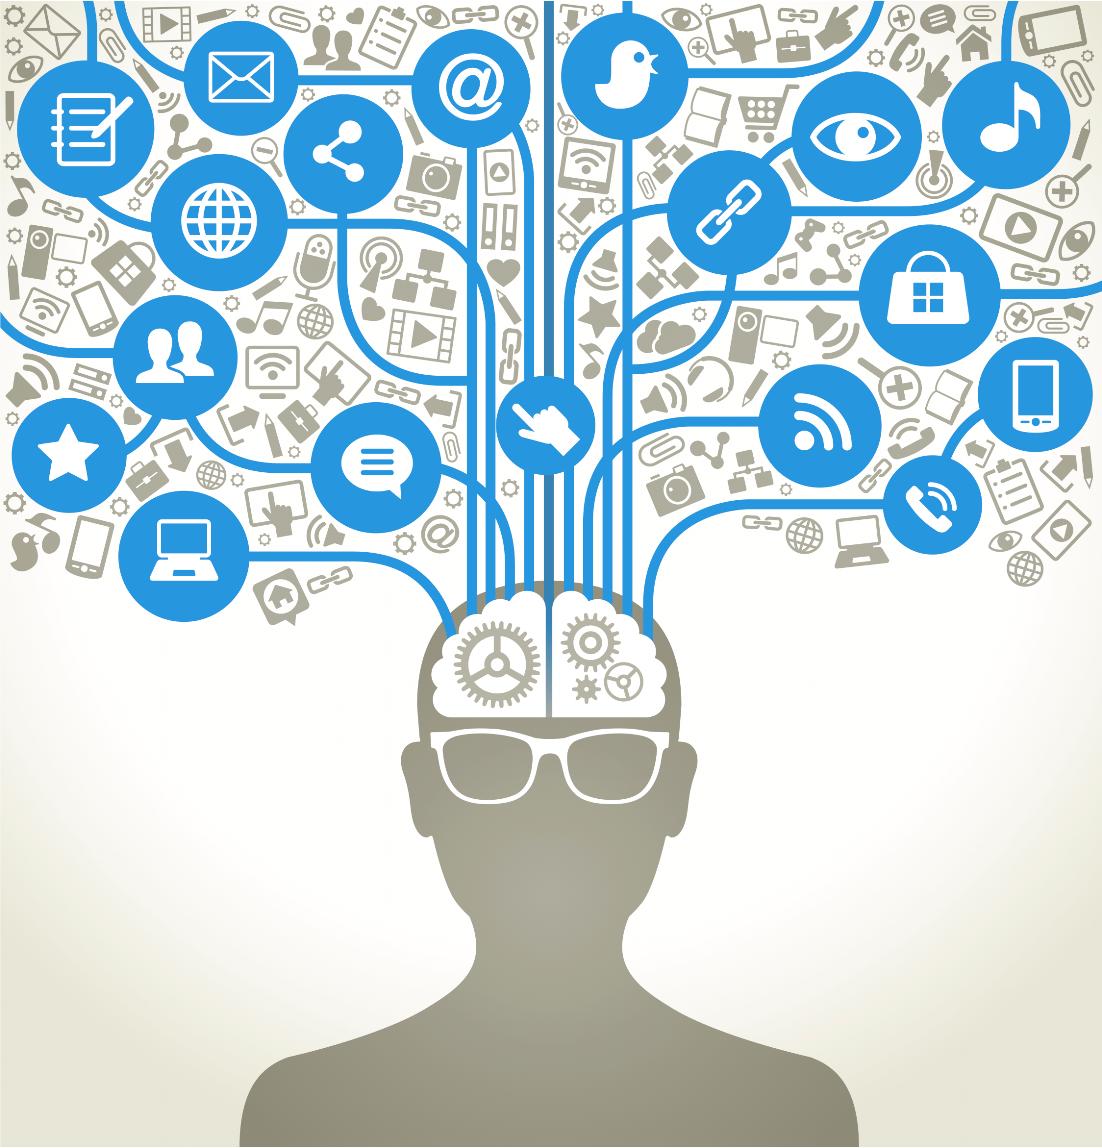 fast_data_brain_tree